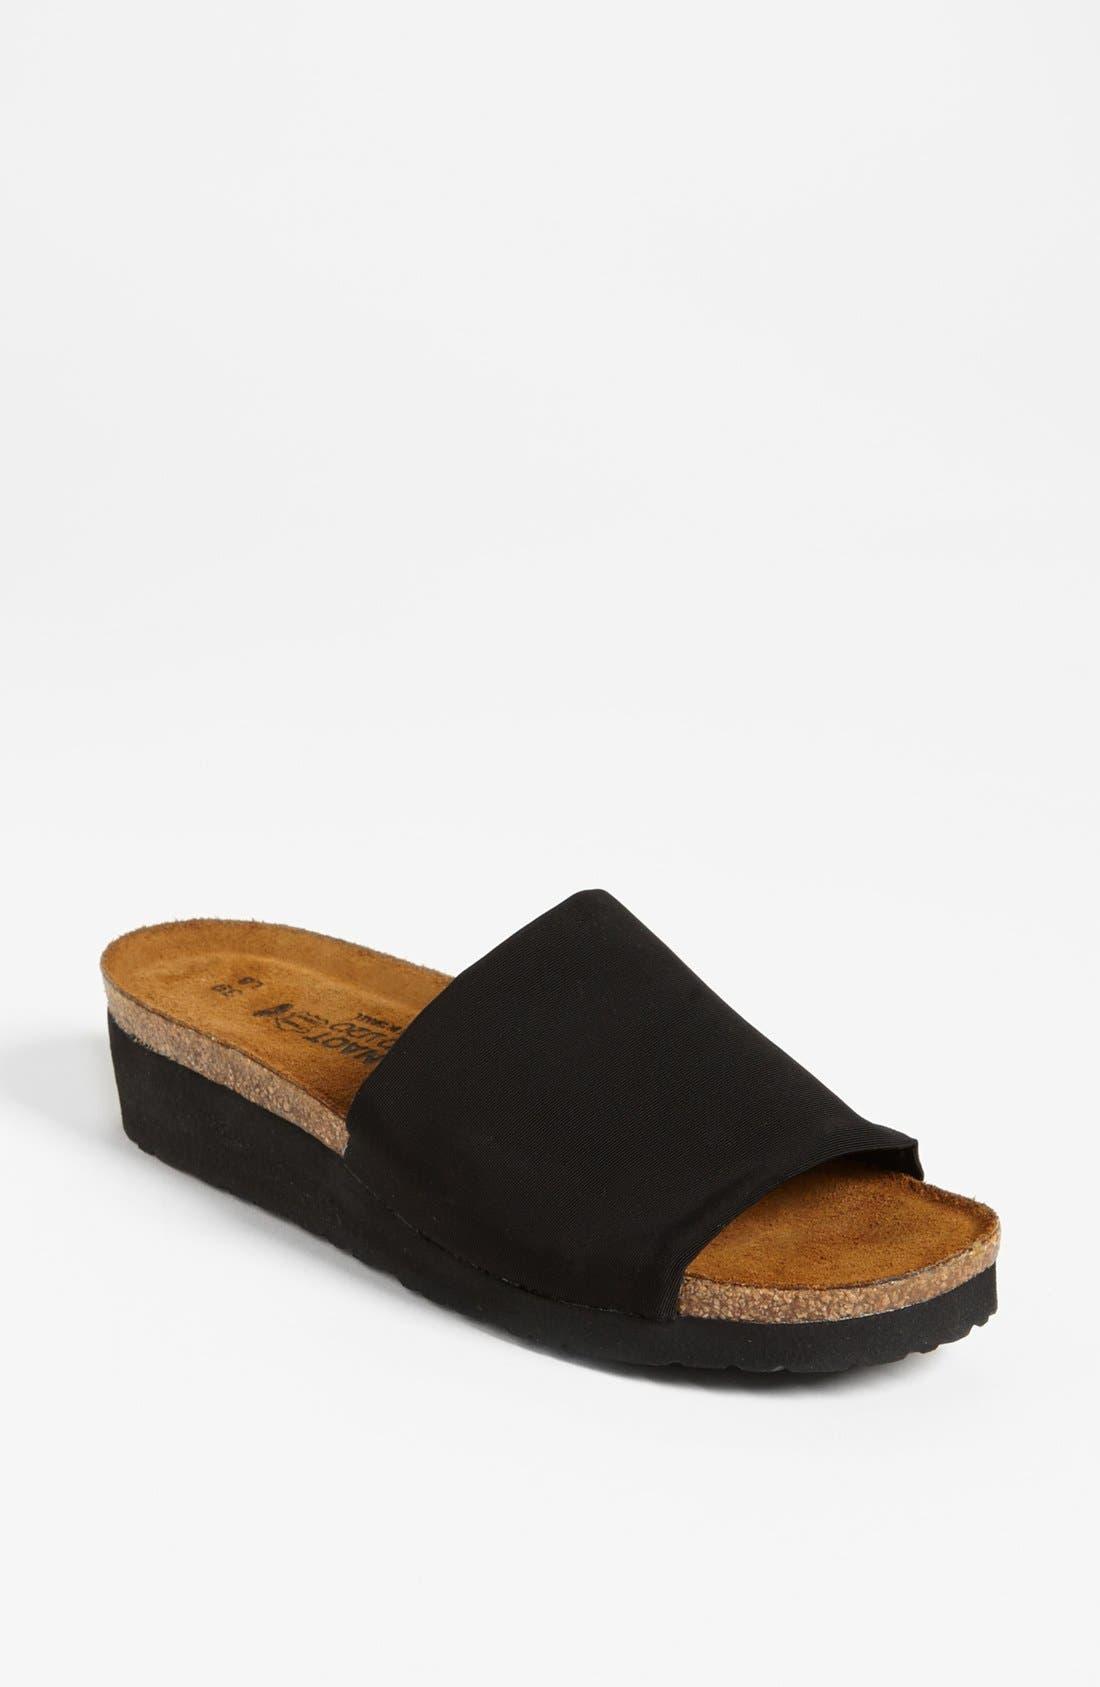 Naot 'Alana' Sandal